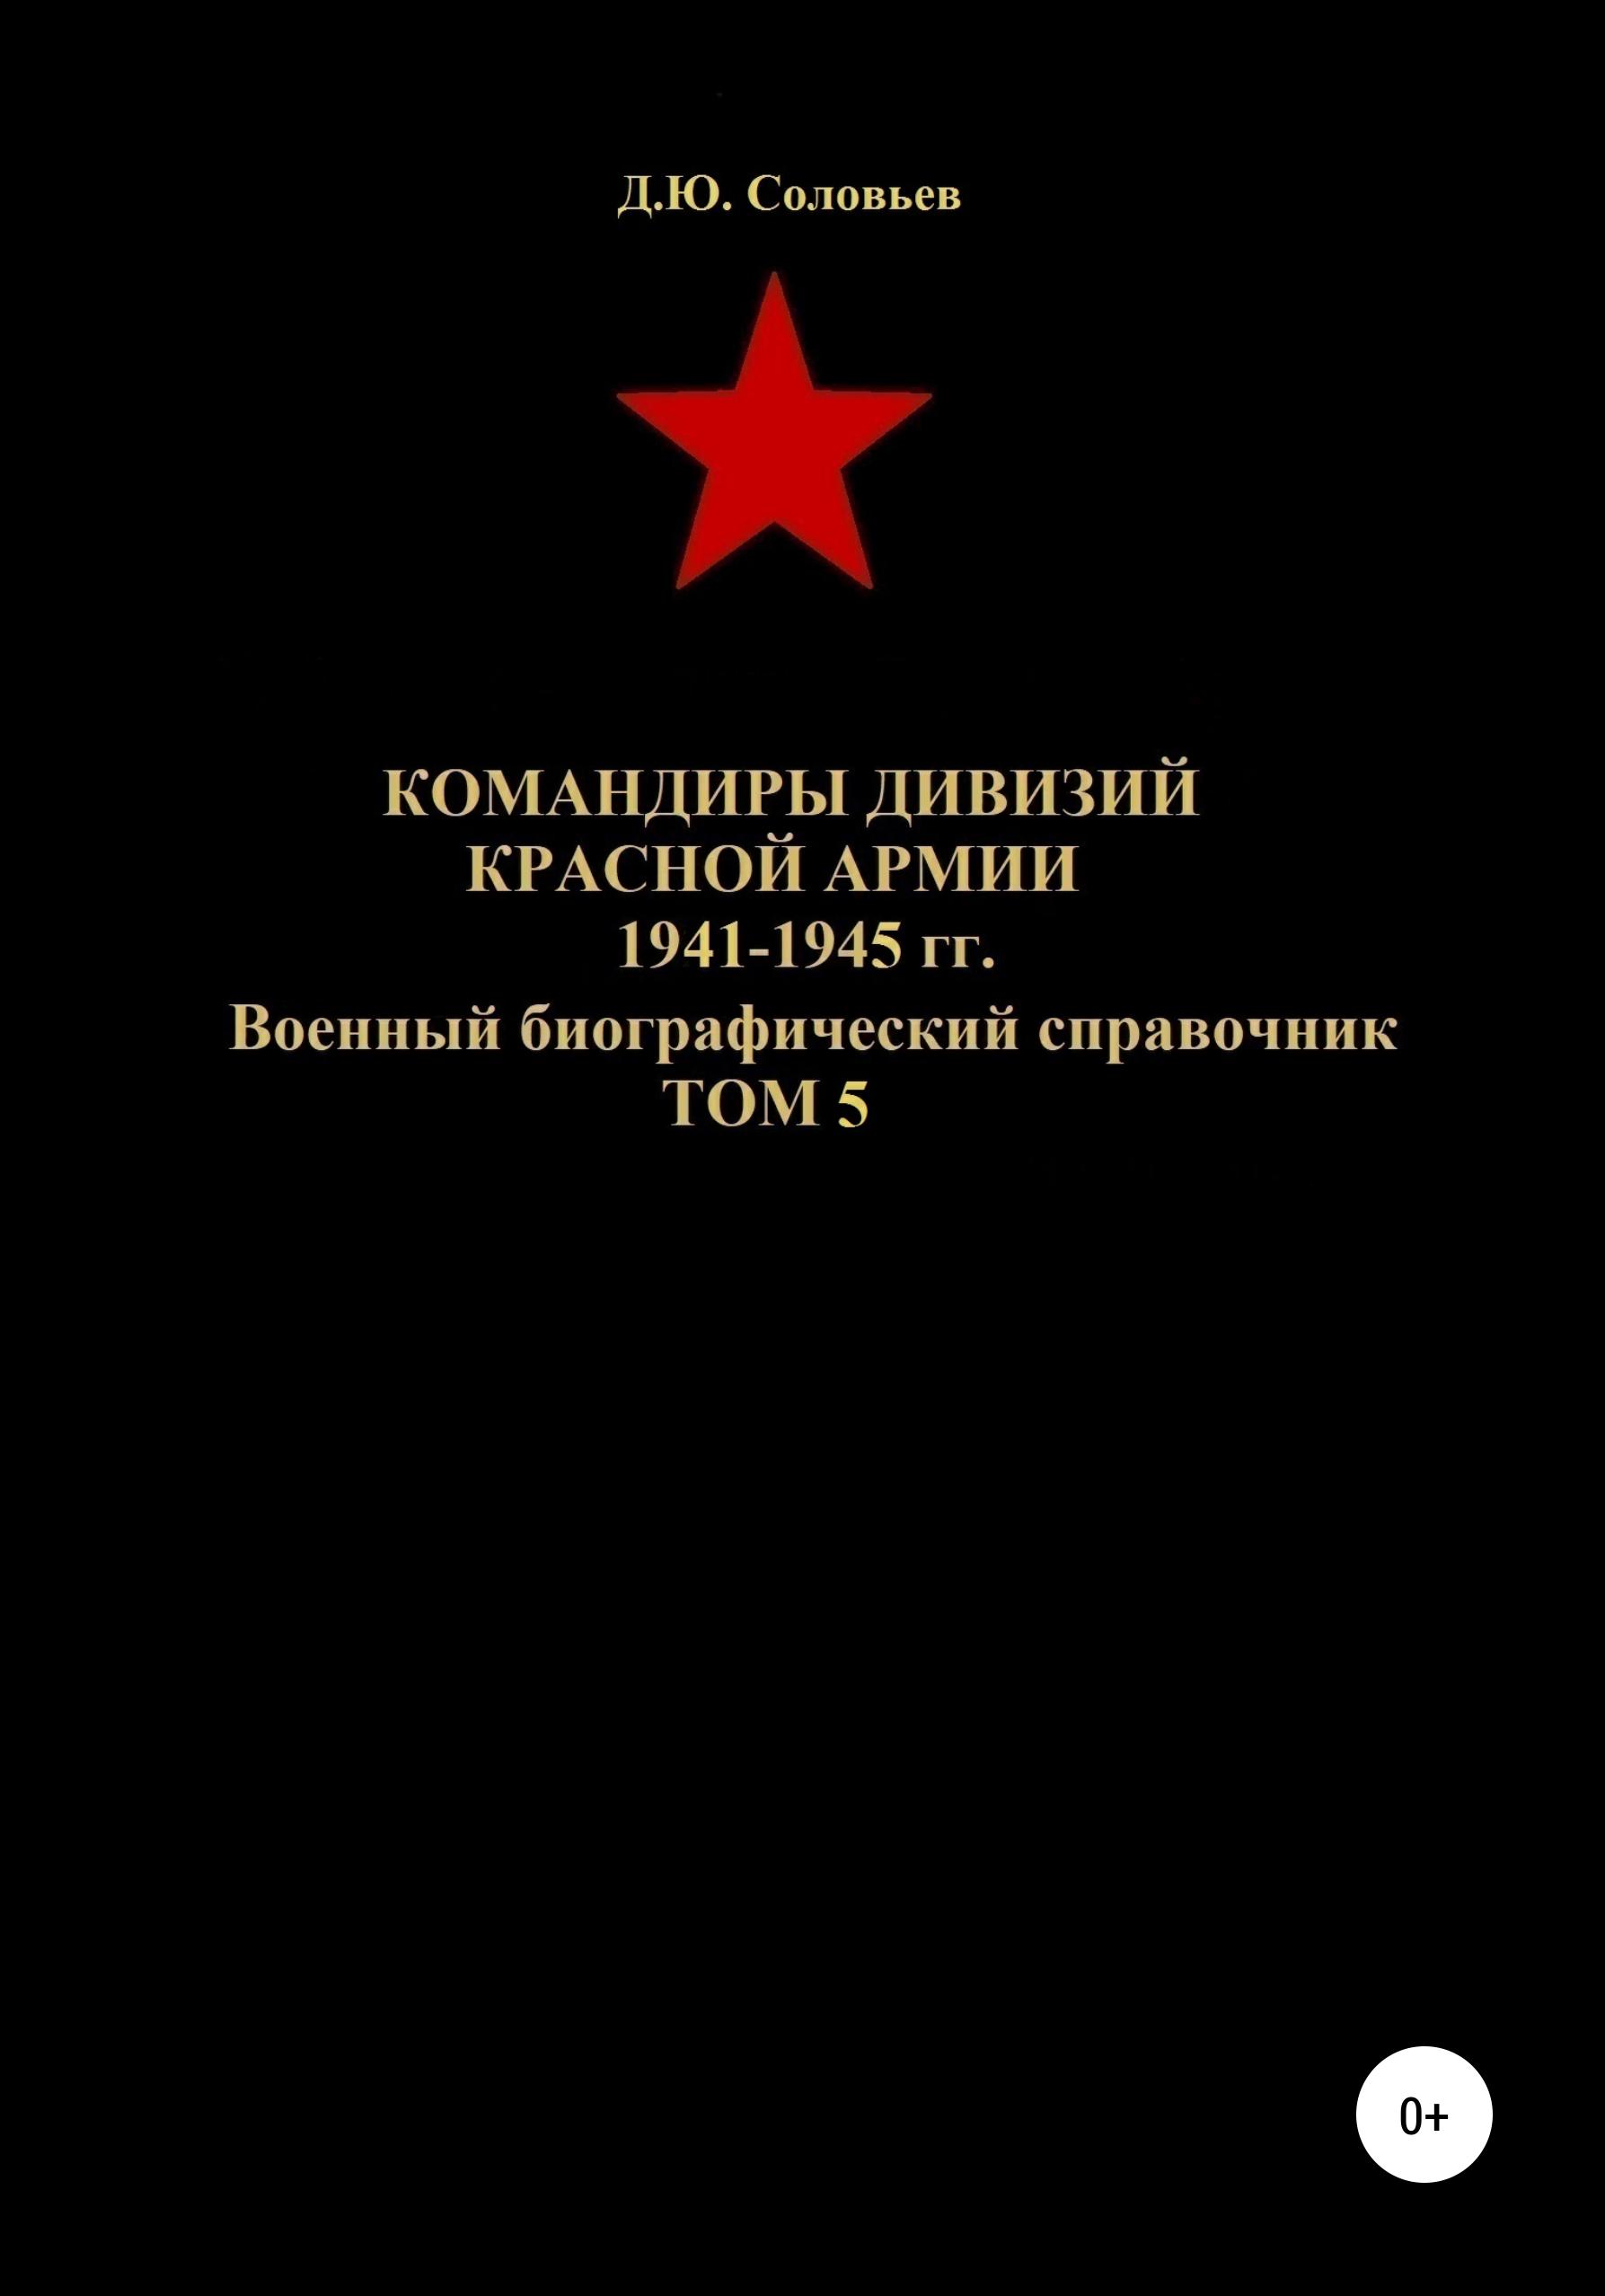 Командиры дивизий Красной Армии 1941-1945 гг. Том 5